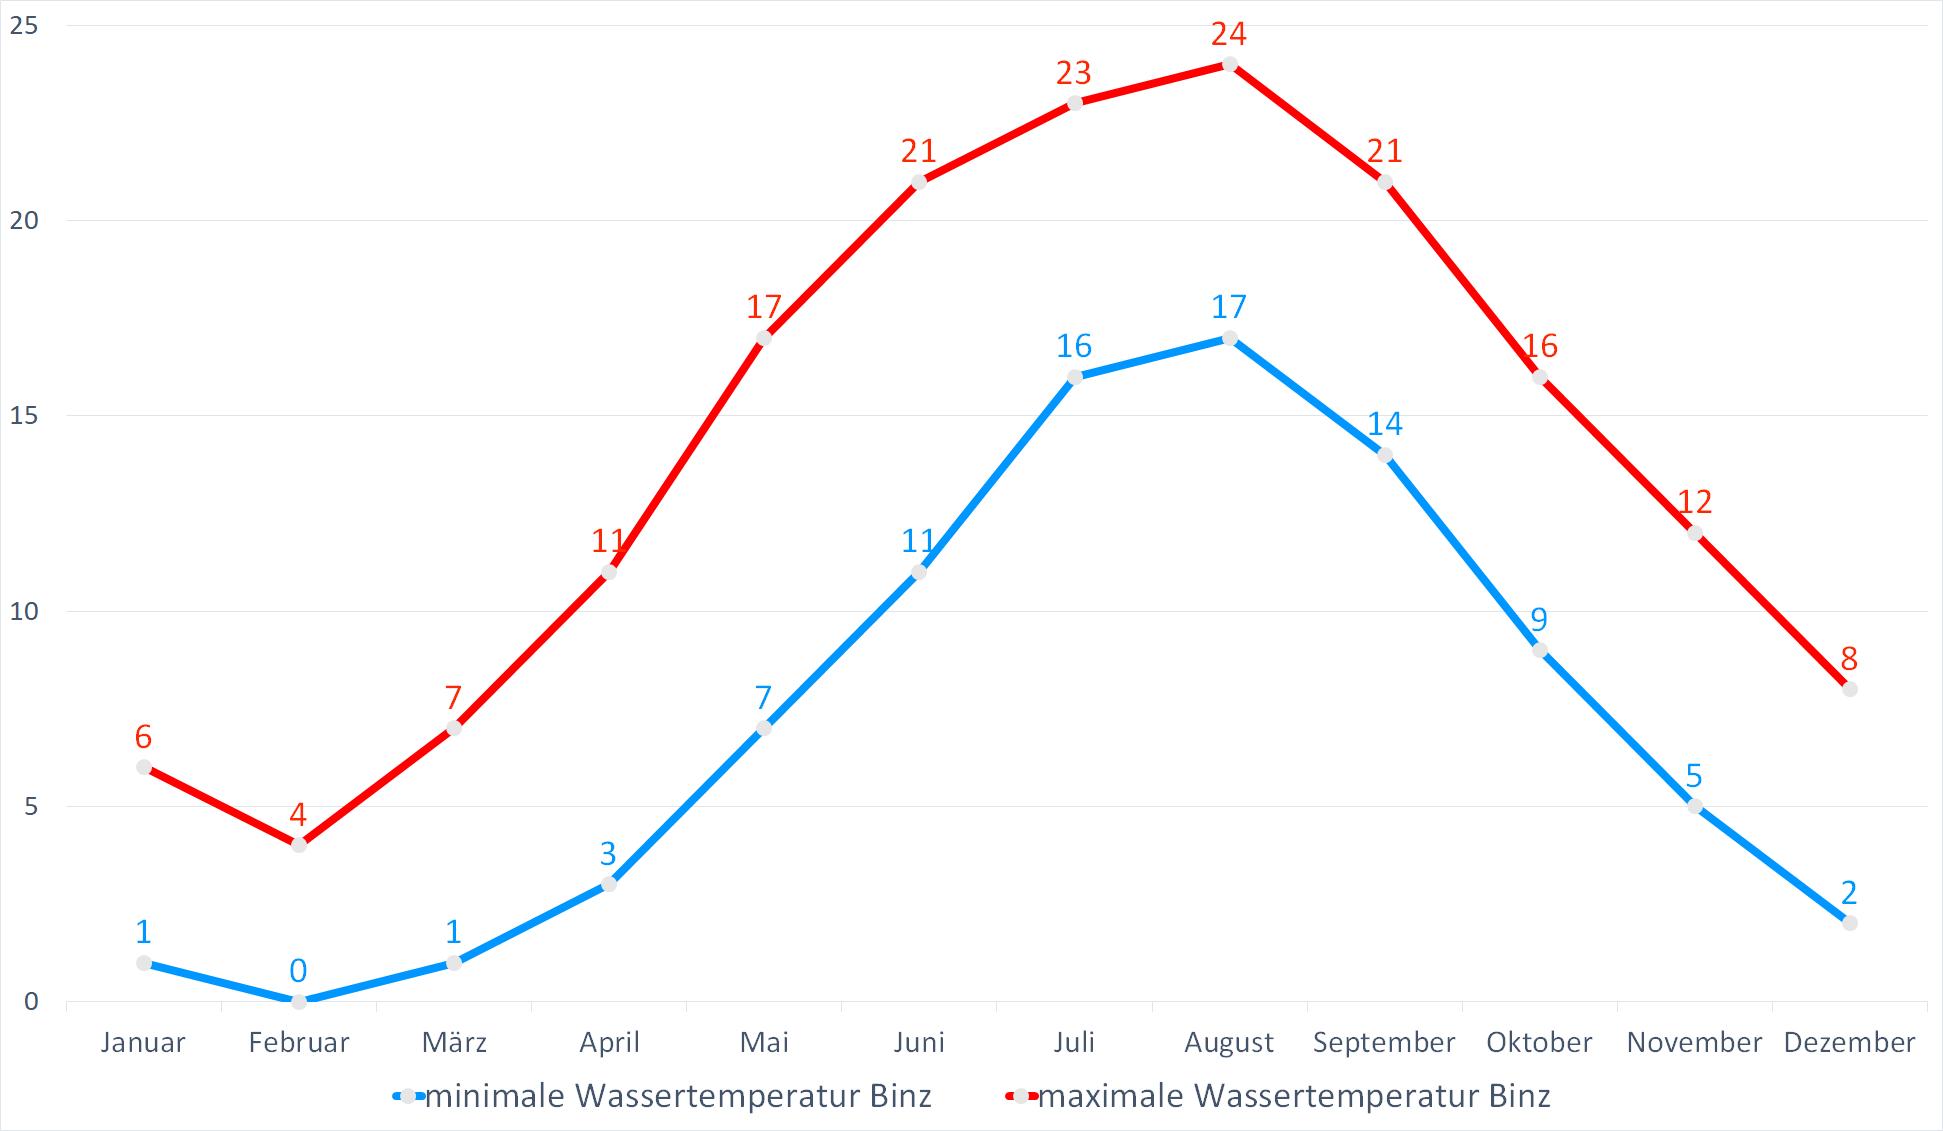 Minimale & Maximale Wassertemperaturen für Binz im Jahresverlauf